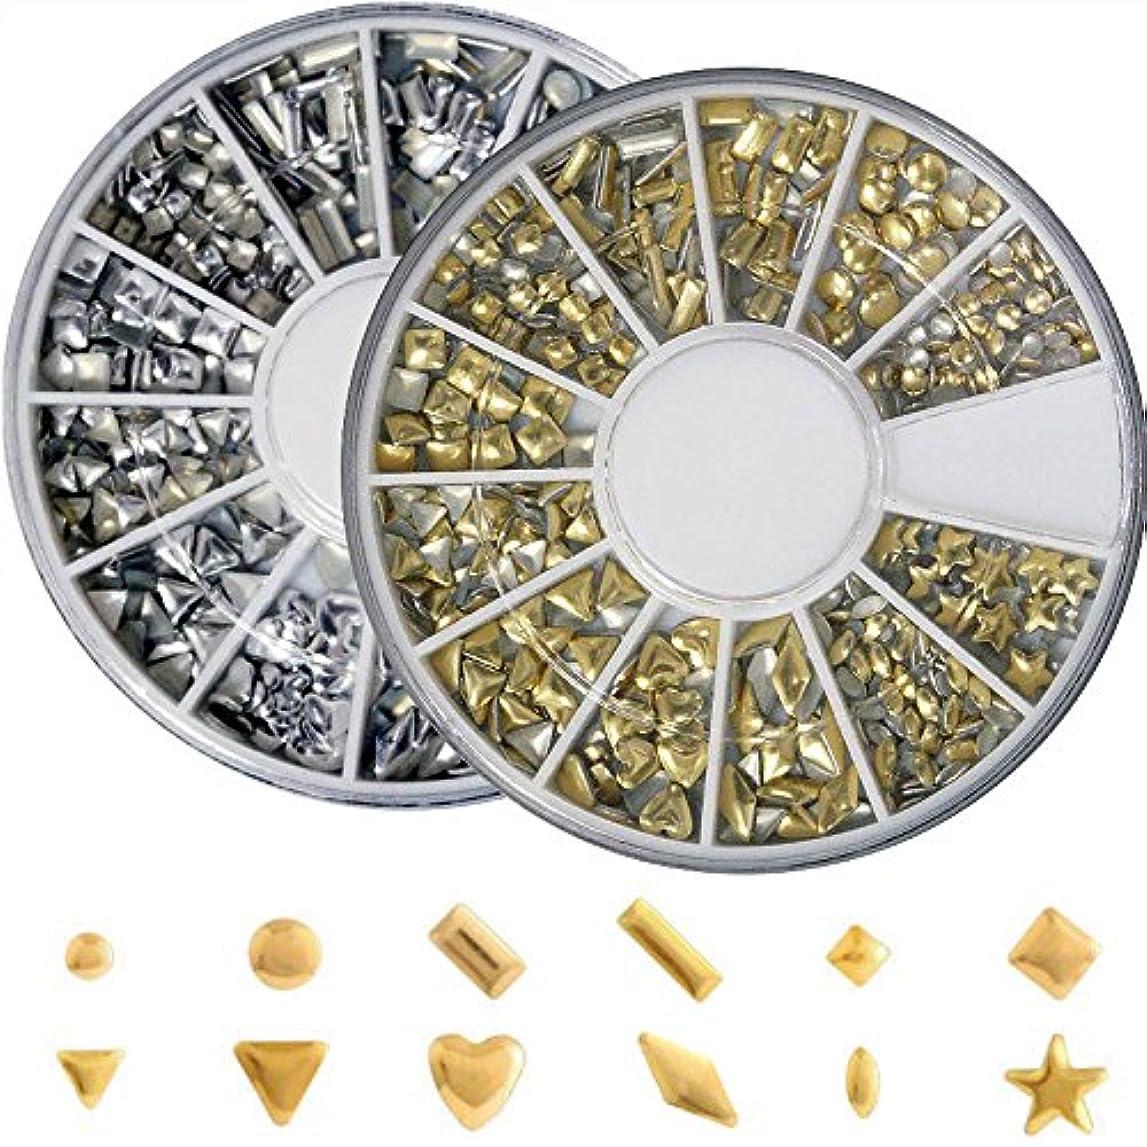 貸すメディカル甘やかすメタルスタッズ12種類 ネイル用 ゴールド&シルバー ラウンドケース入2個/セット